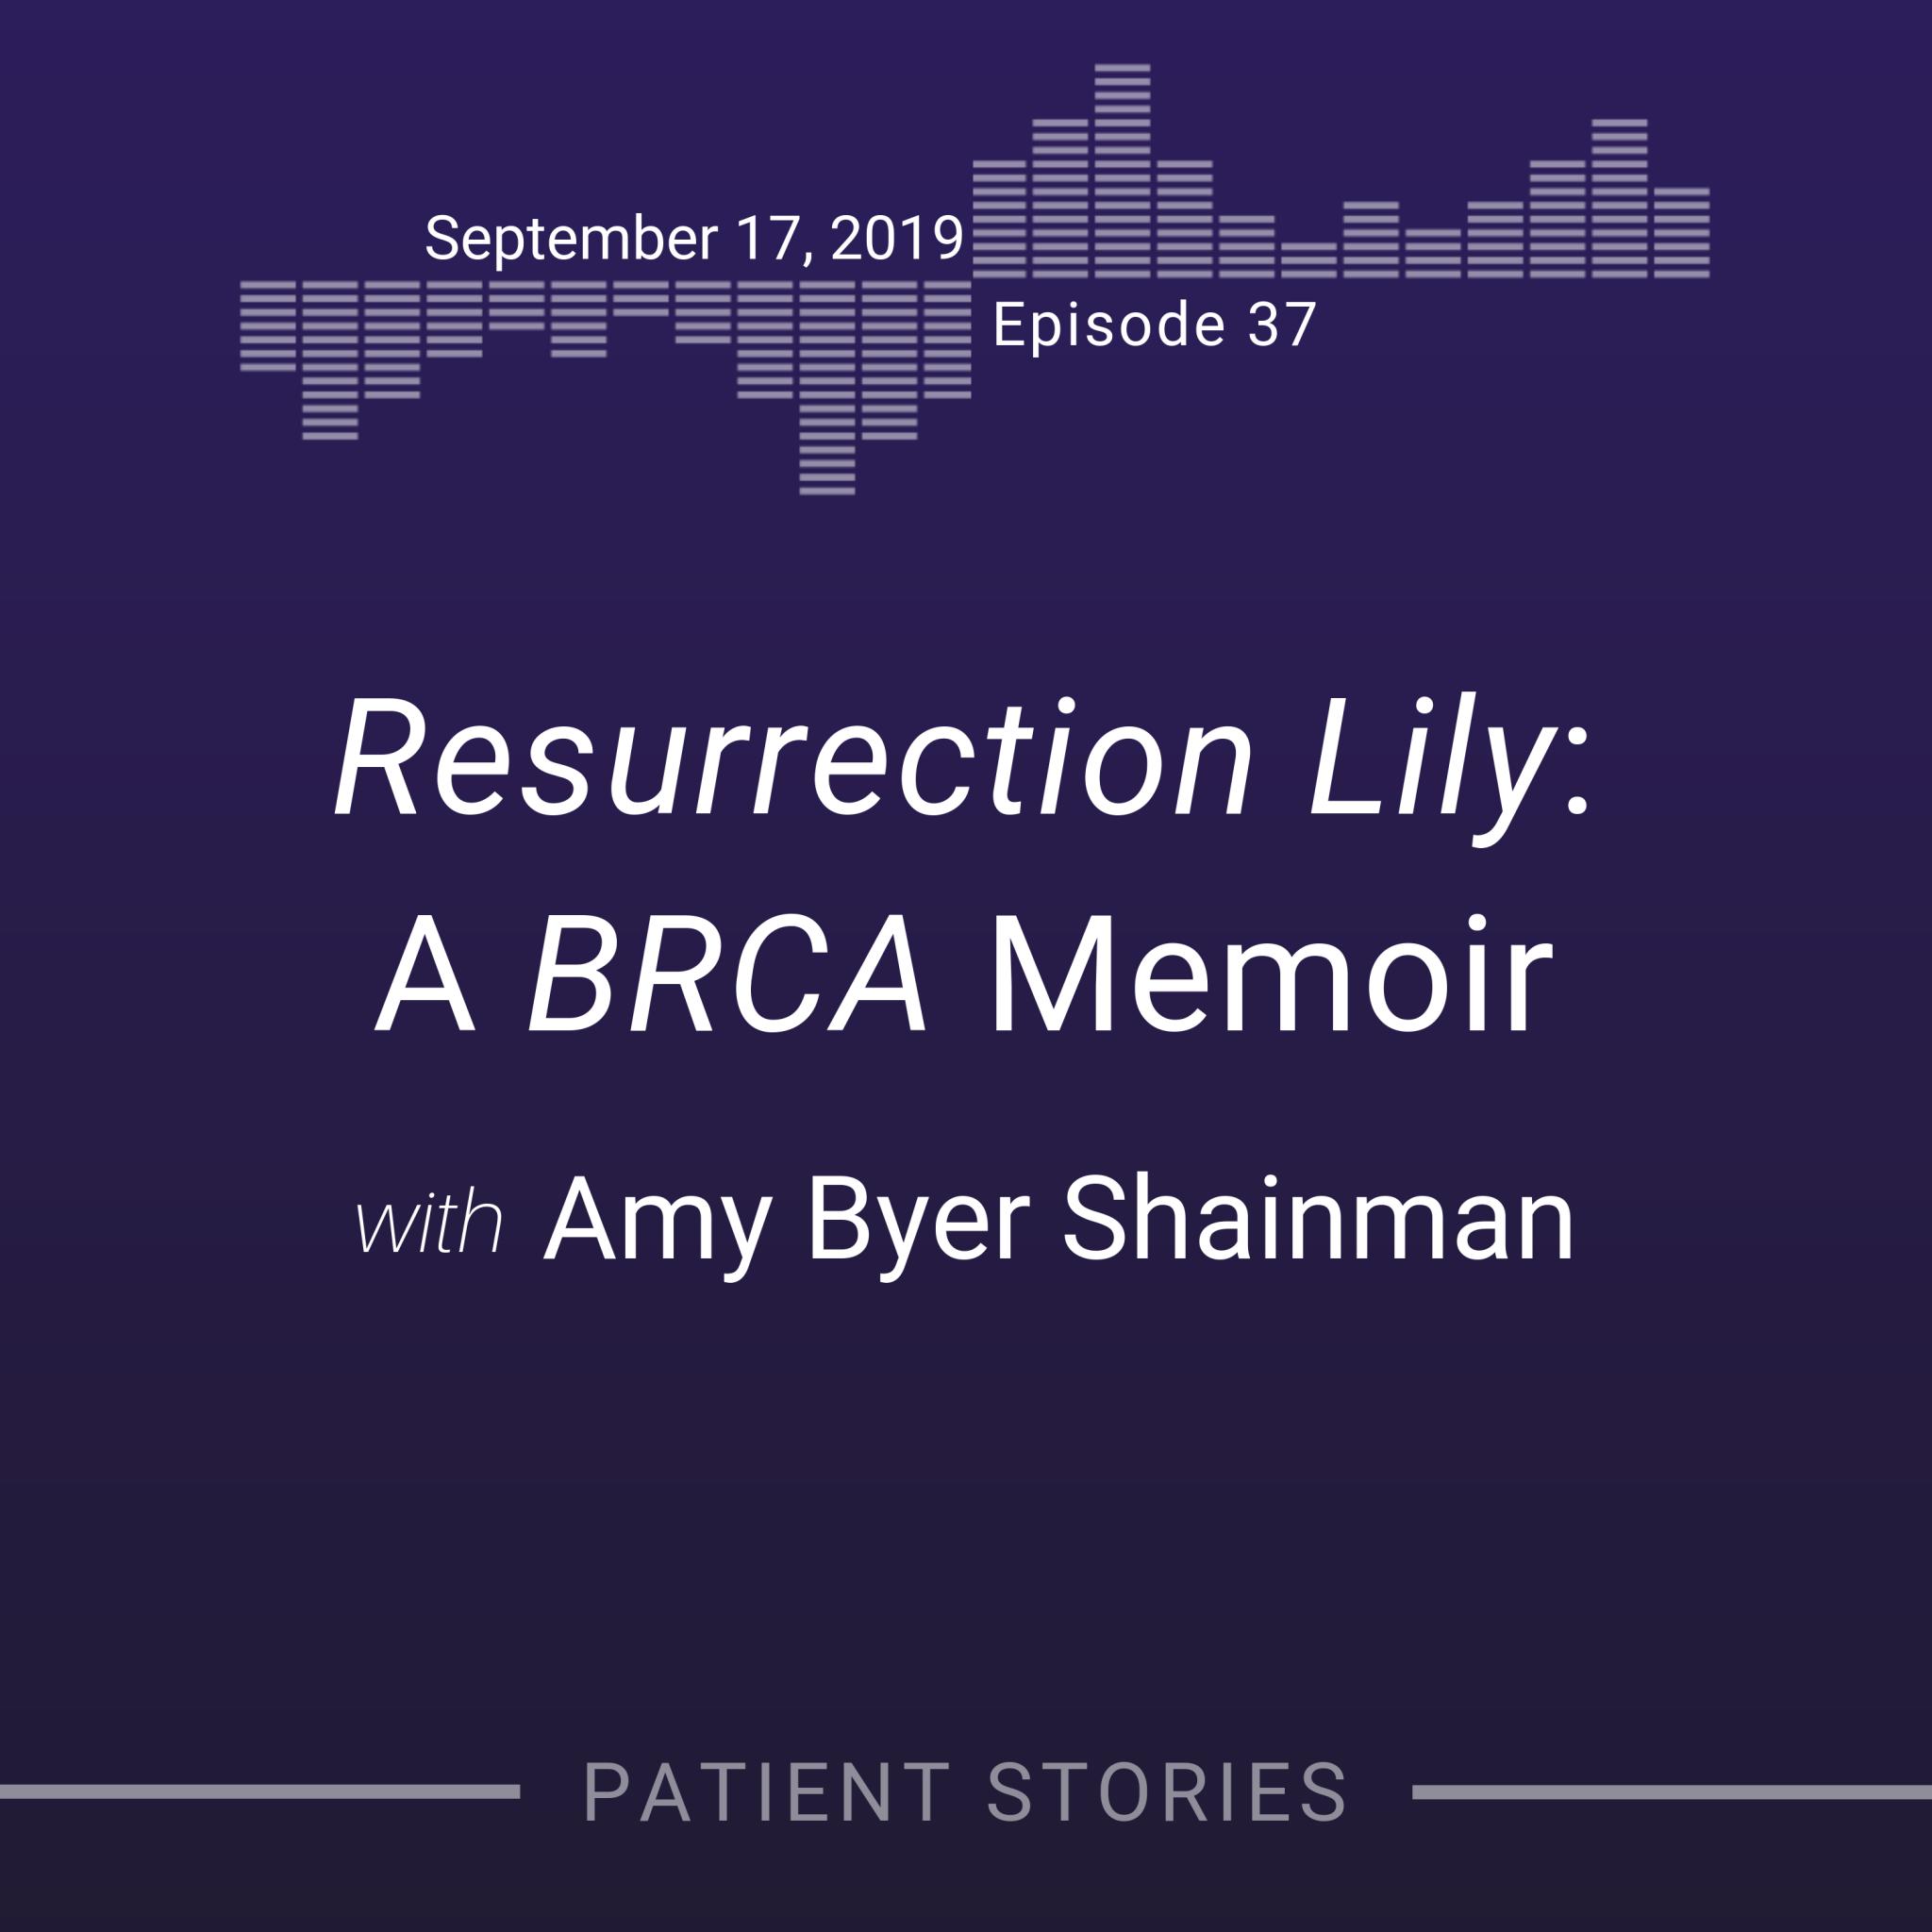 BRCA memoir